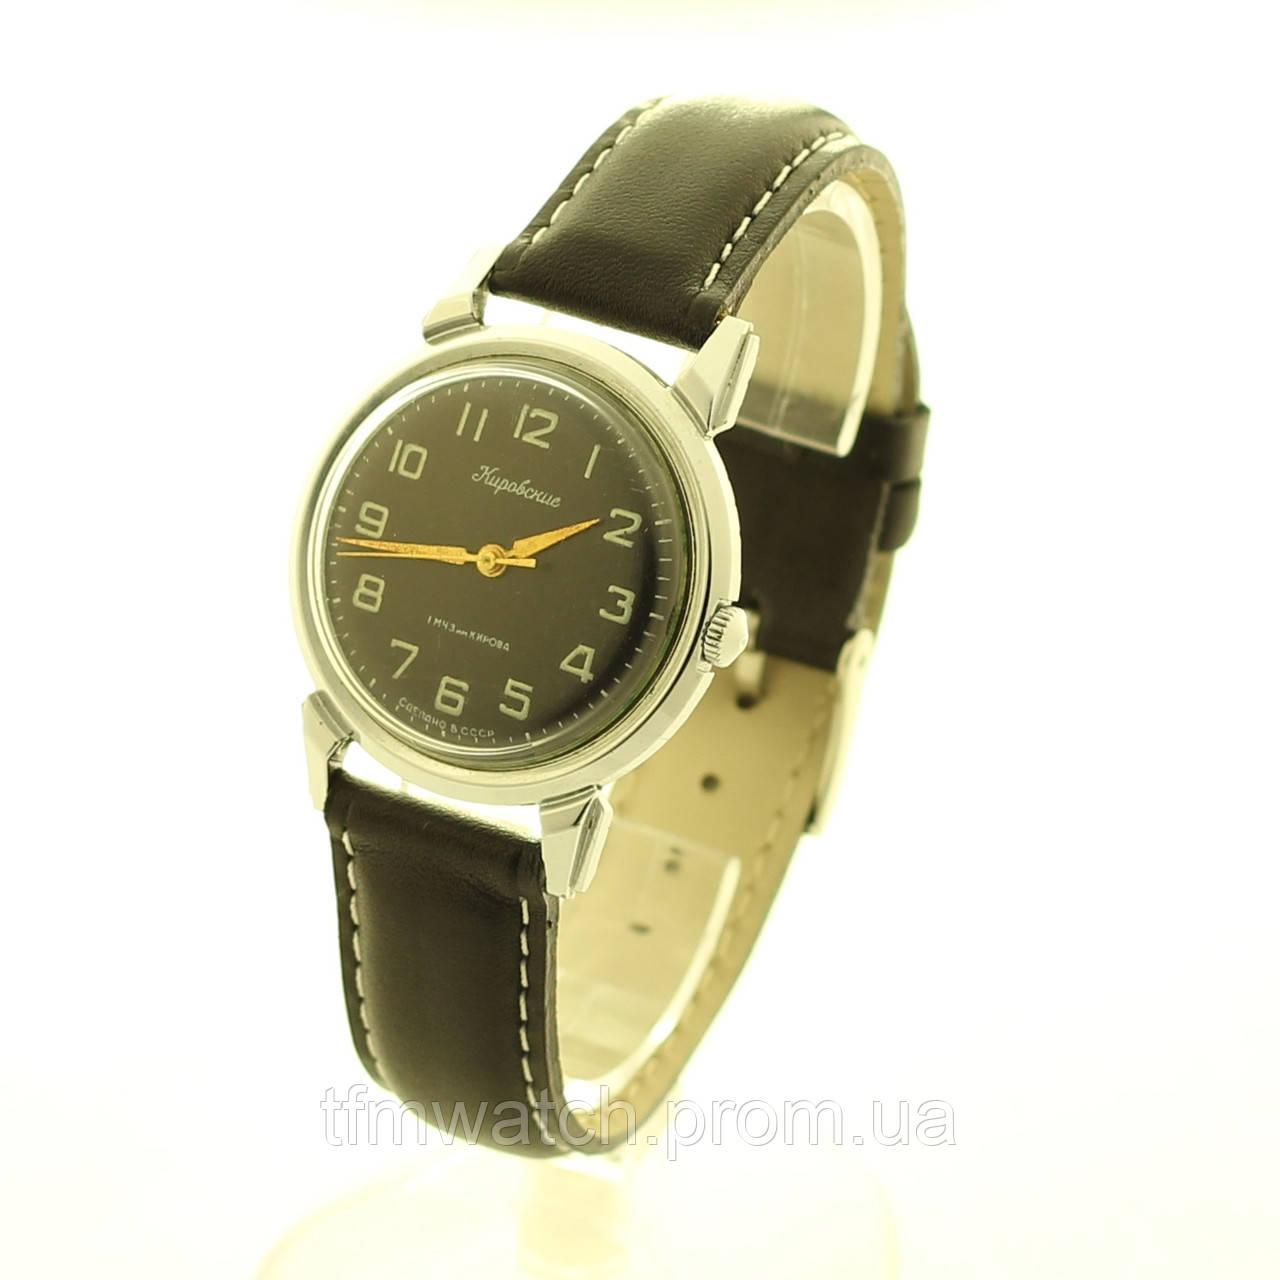 Кировские механические часы СССР